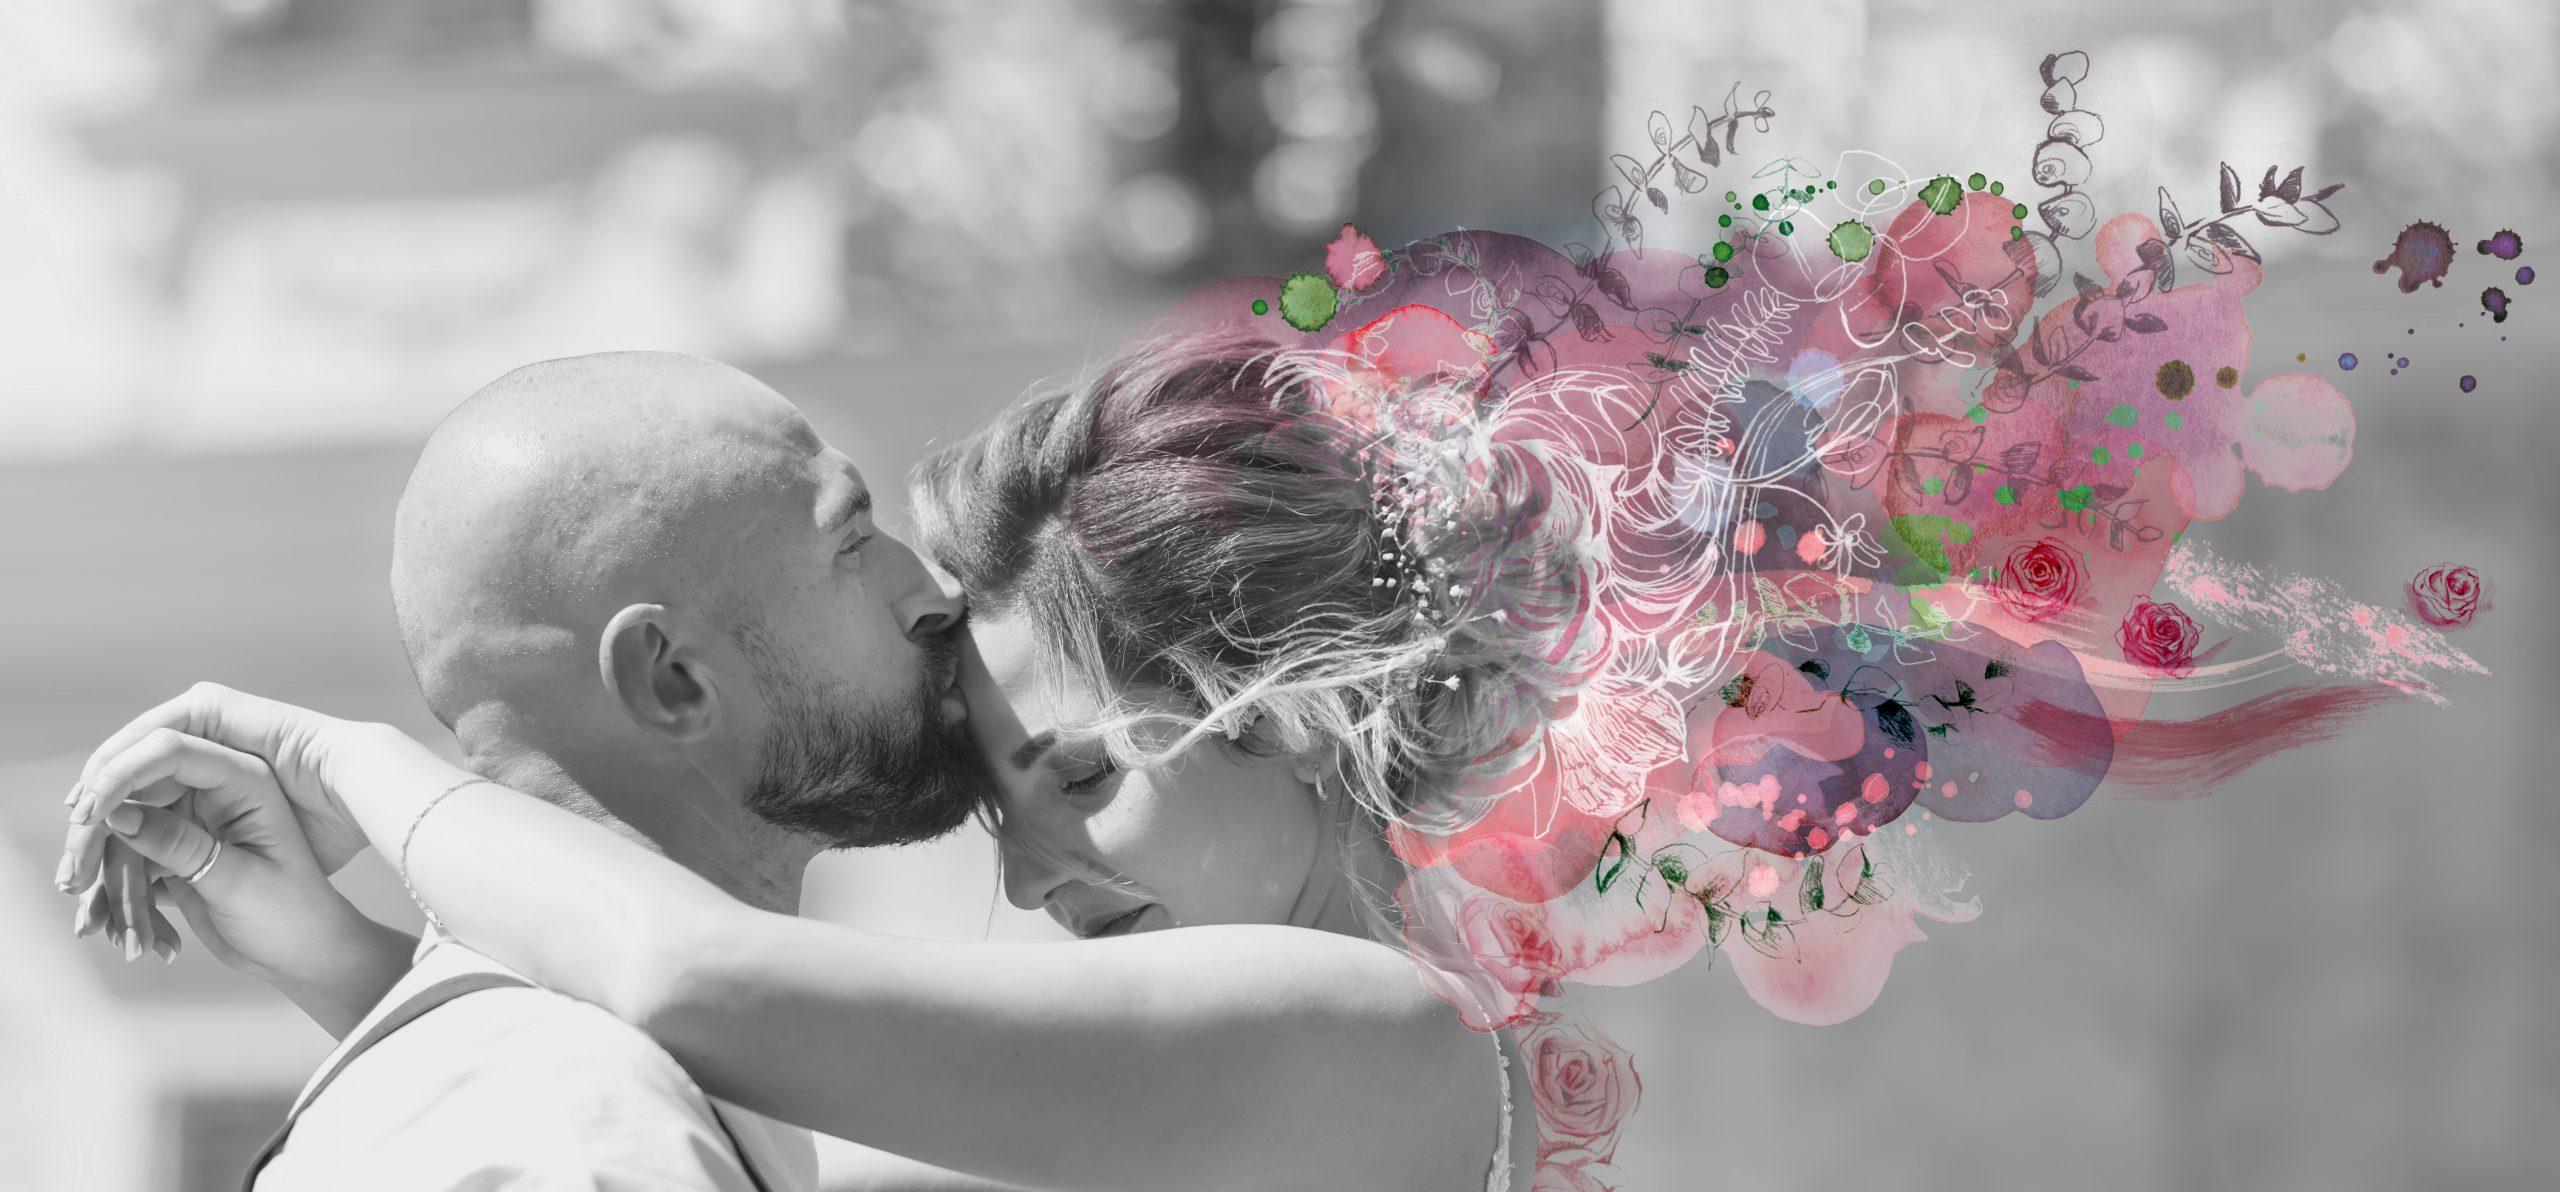 Hochzeitsfotografie_Illustration_Fotografie_Aquarell_Franziska_Schneider_Augsburg